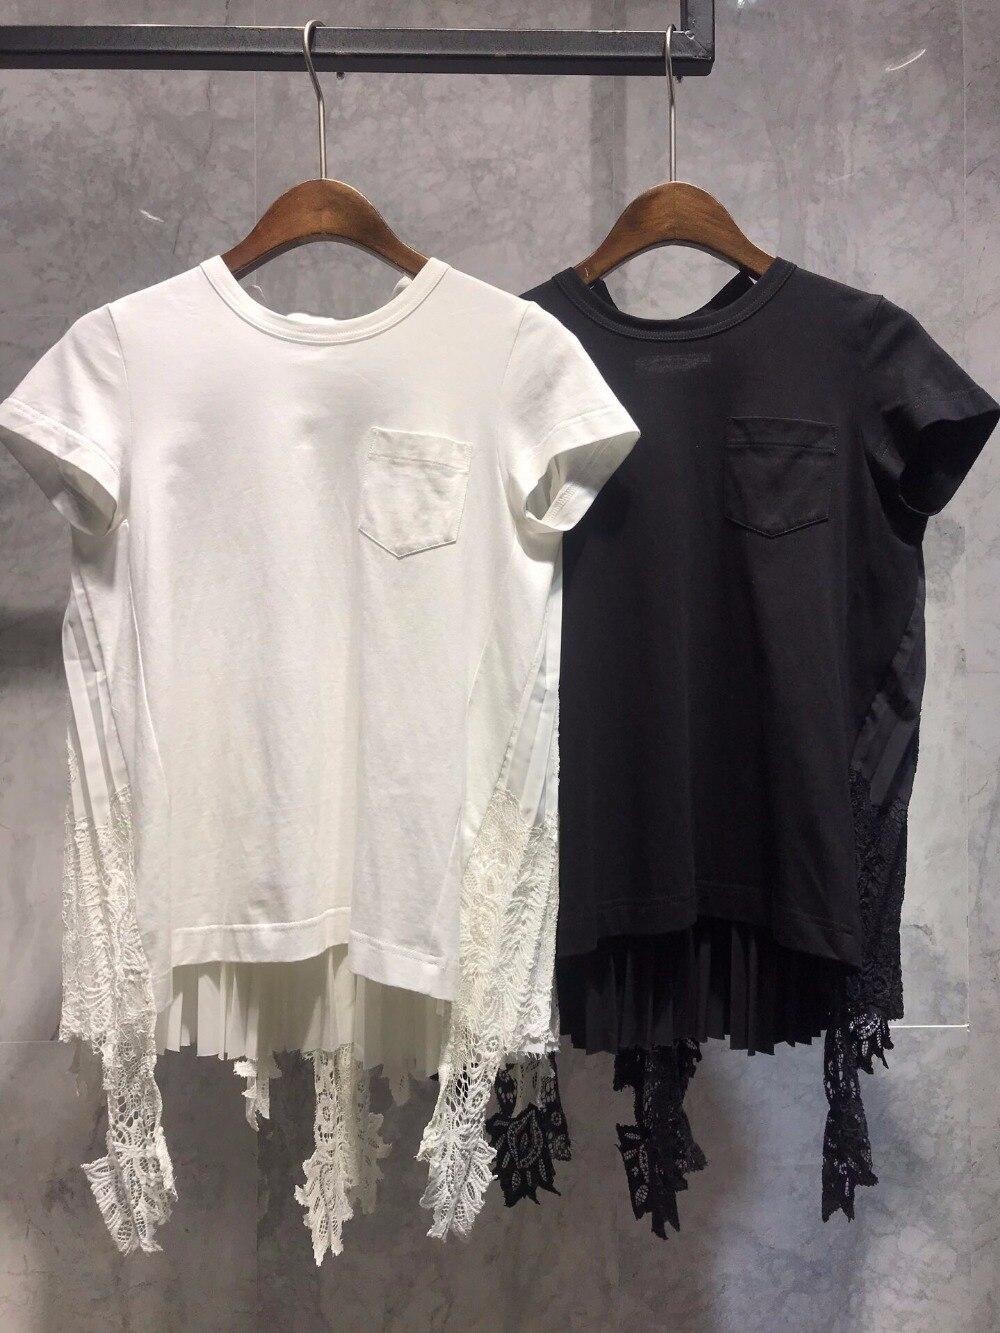 Dentelle 2 Femmes Casual Patchwork D'été 2019 T Couleur Tee Ddxgz3 Nouvelles shirt zAwxtqpaq